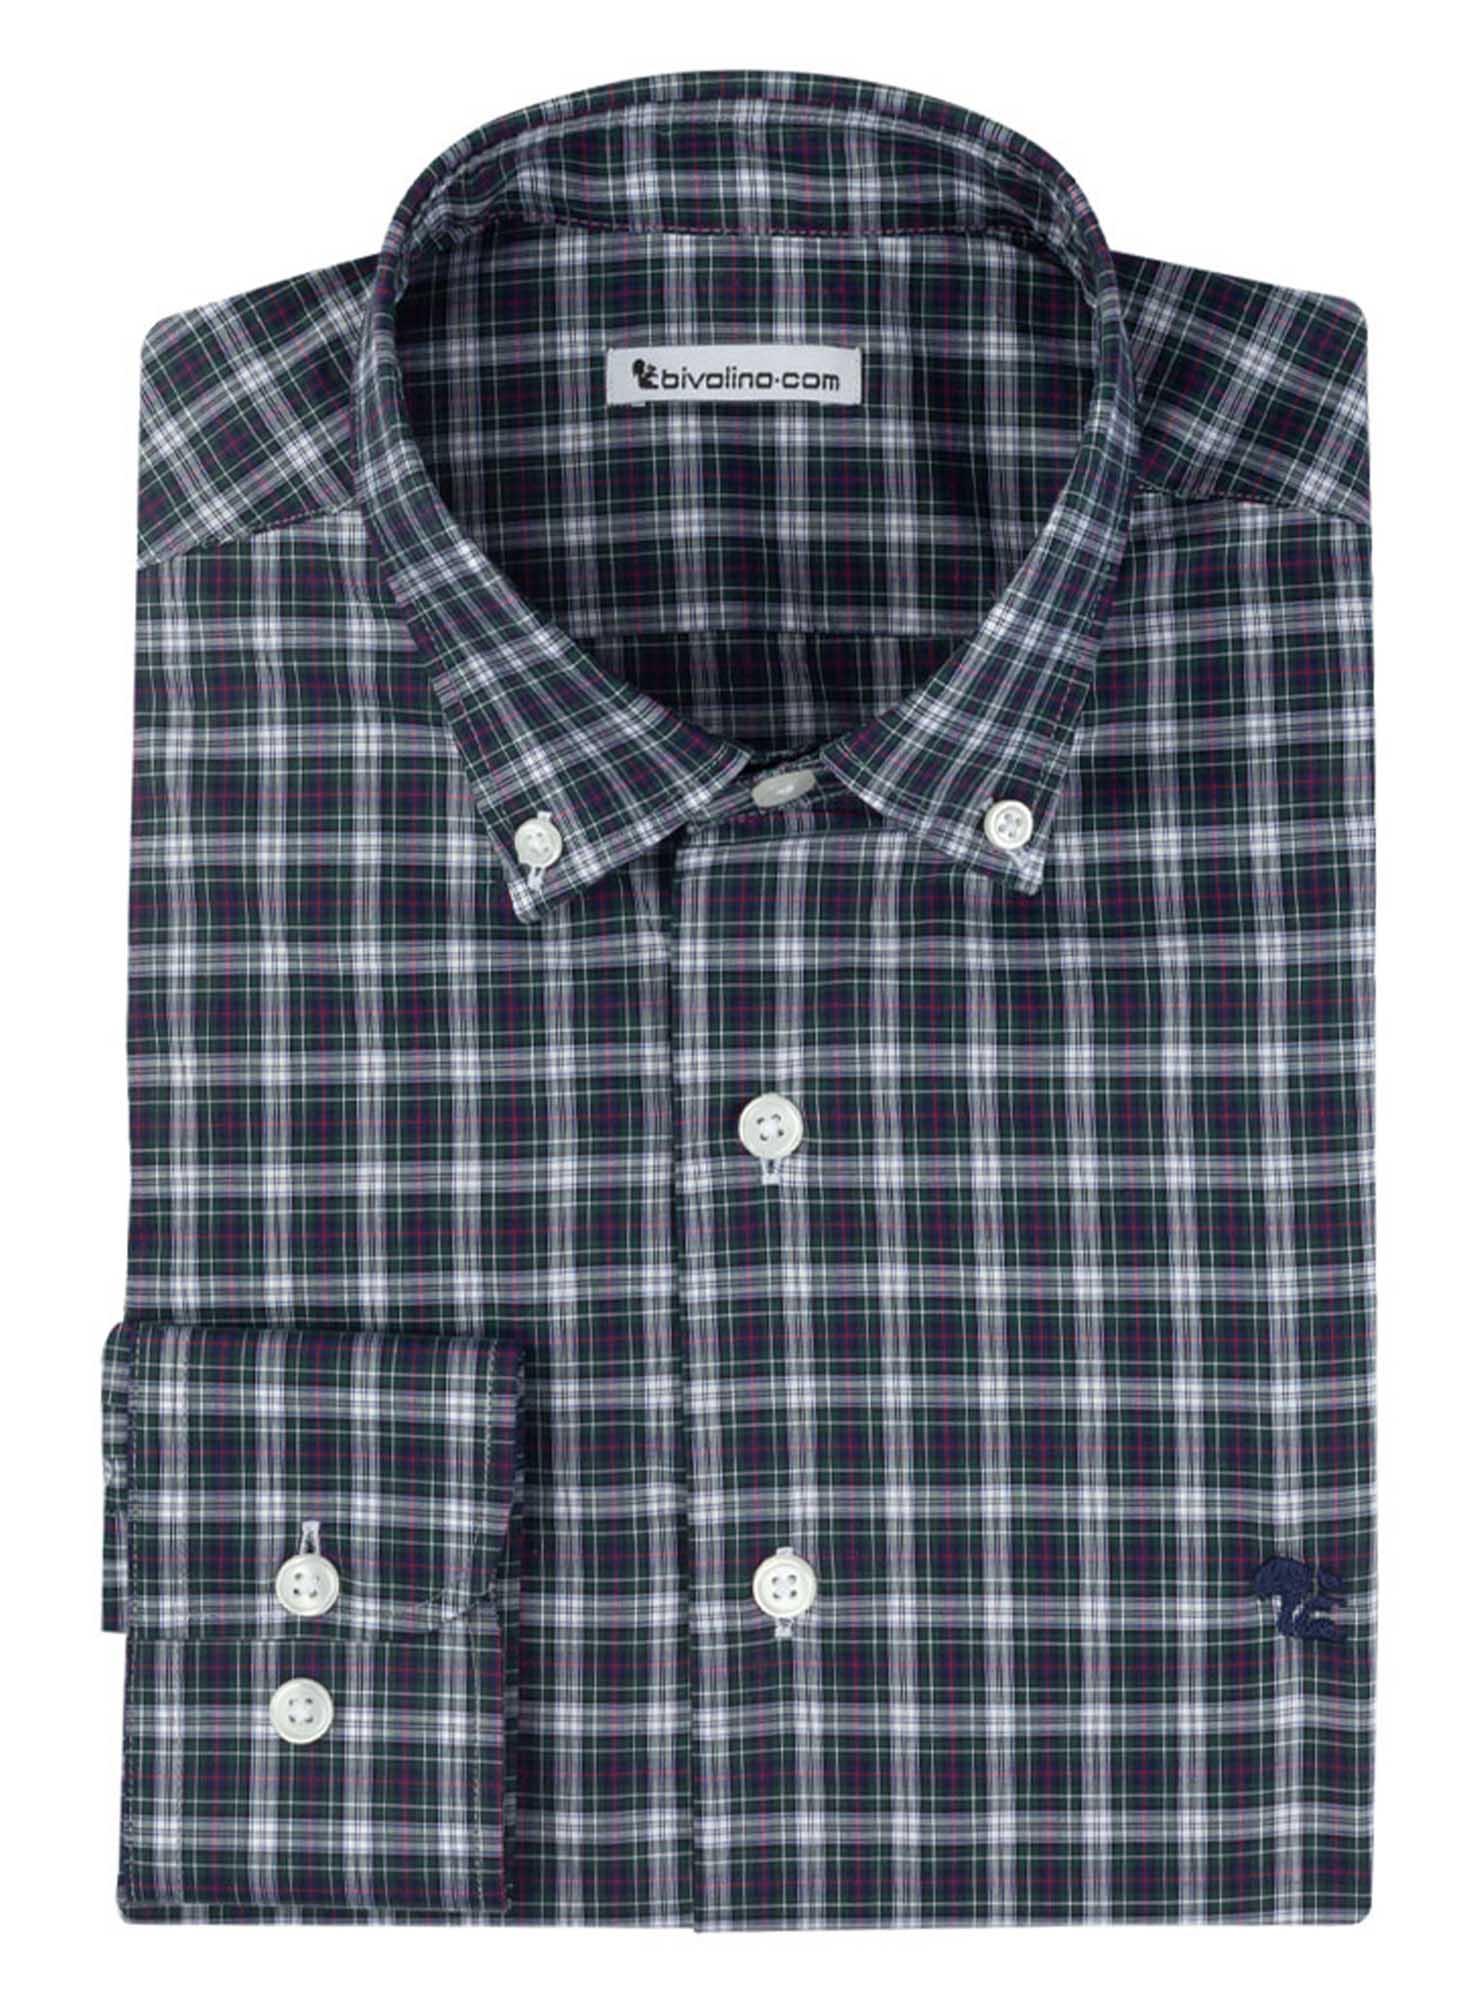 LENCLA - chemise homme zéphyr coton  - SCOTT 1